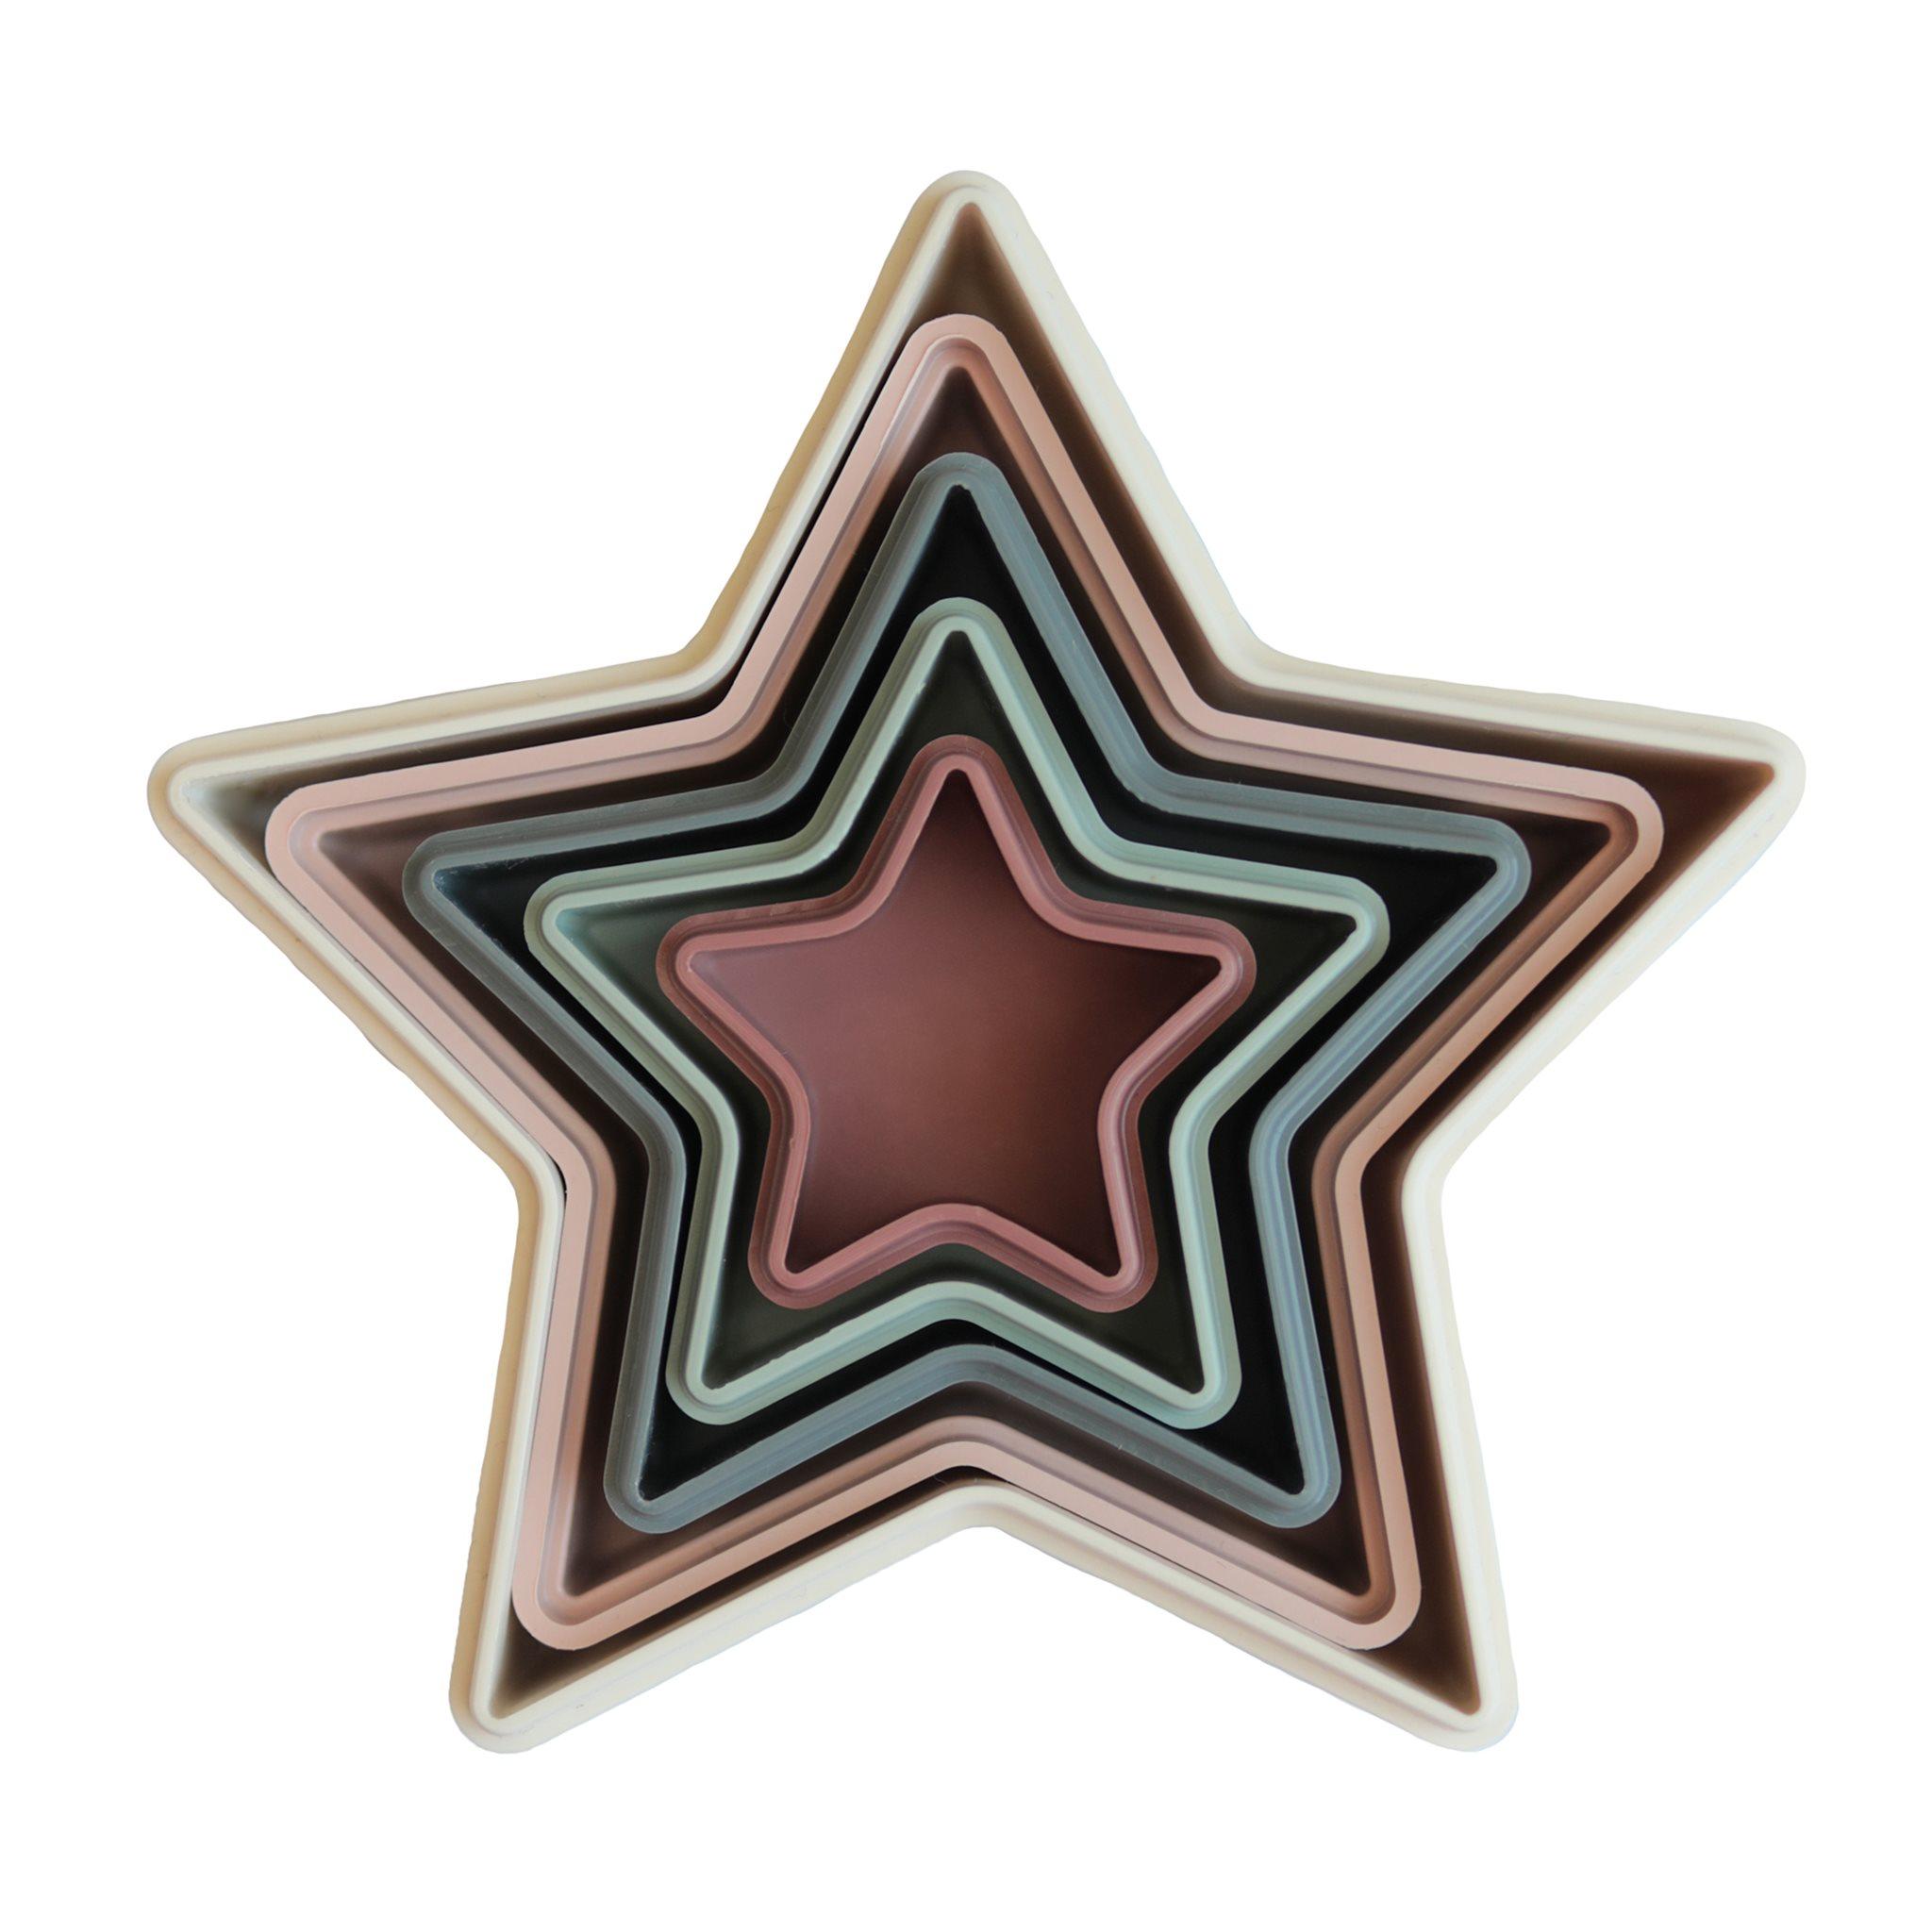 Mushie nesting stars